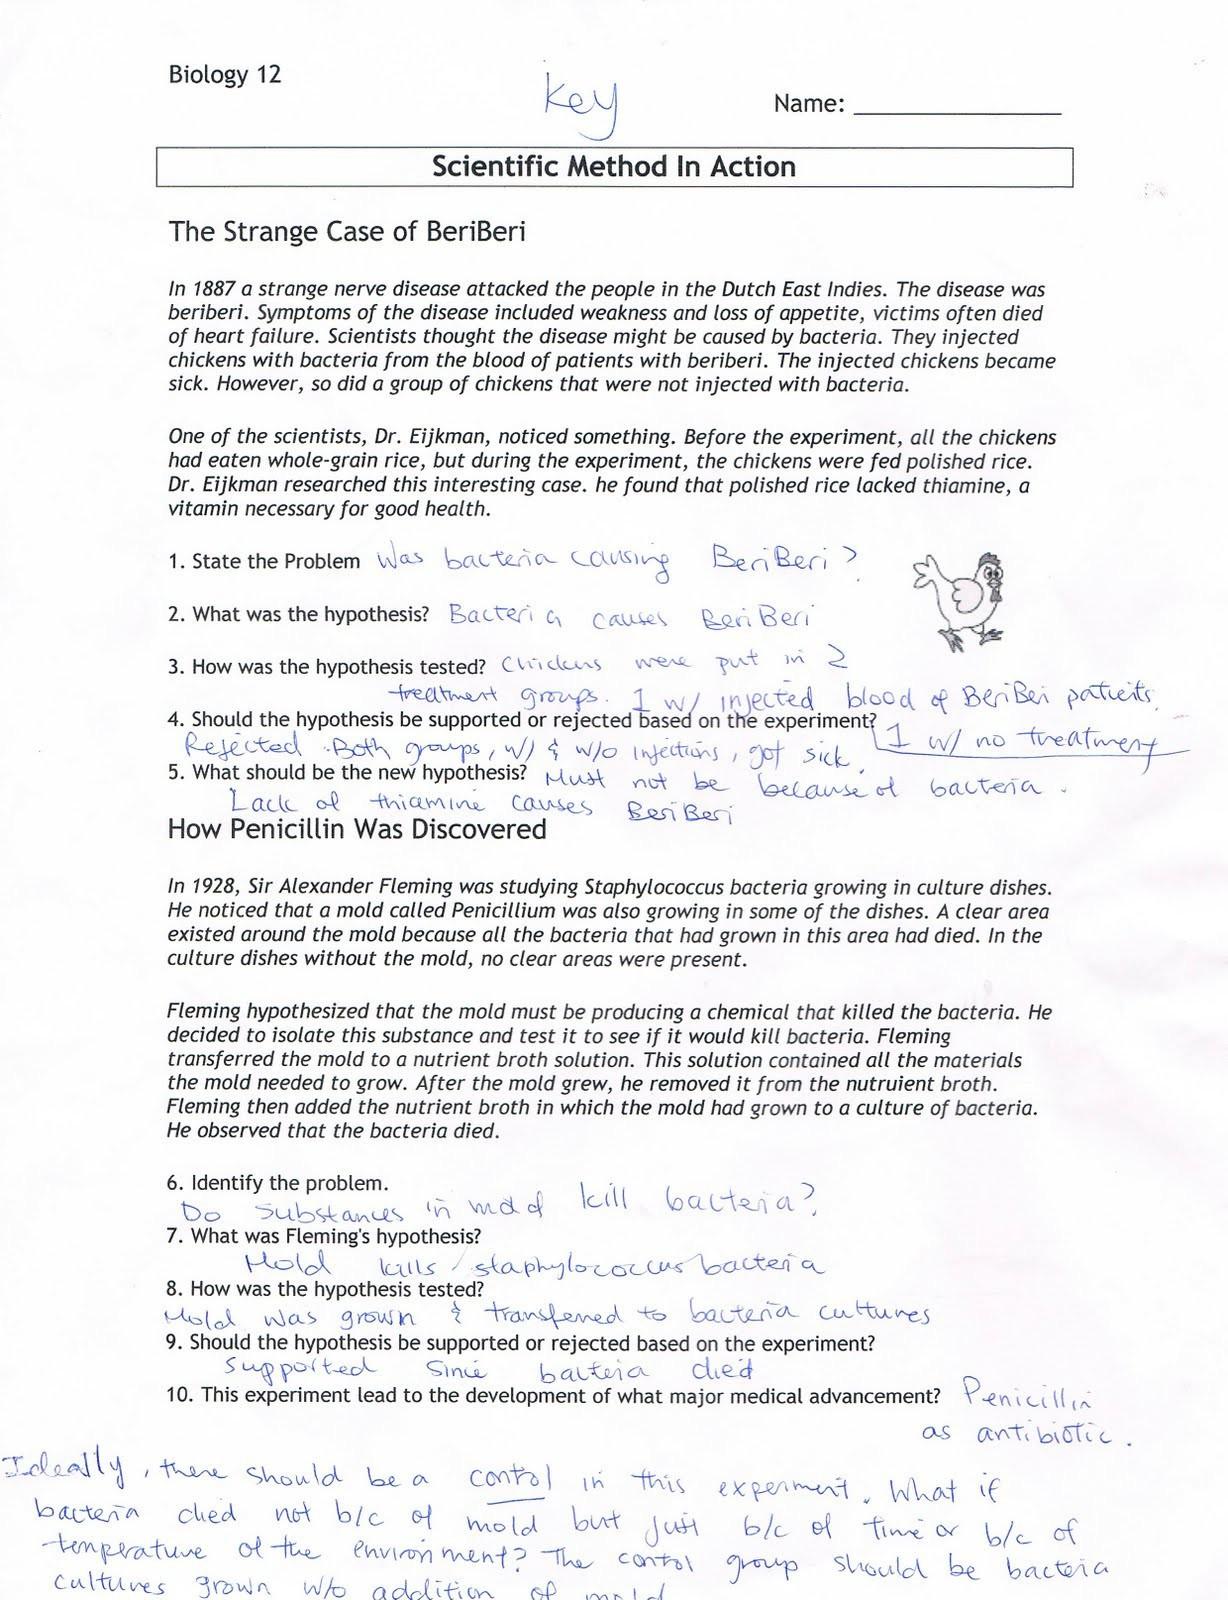 Scientific Method Story Worksheet Answers Scientific Method Worksheet Primary